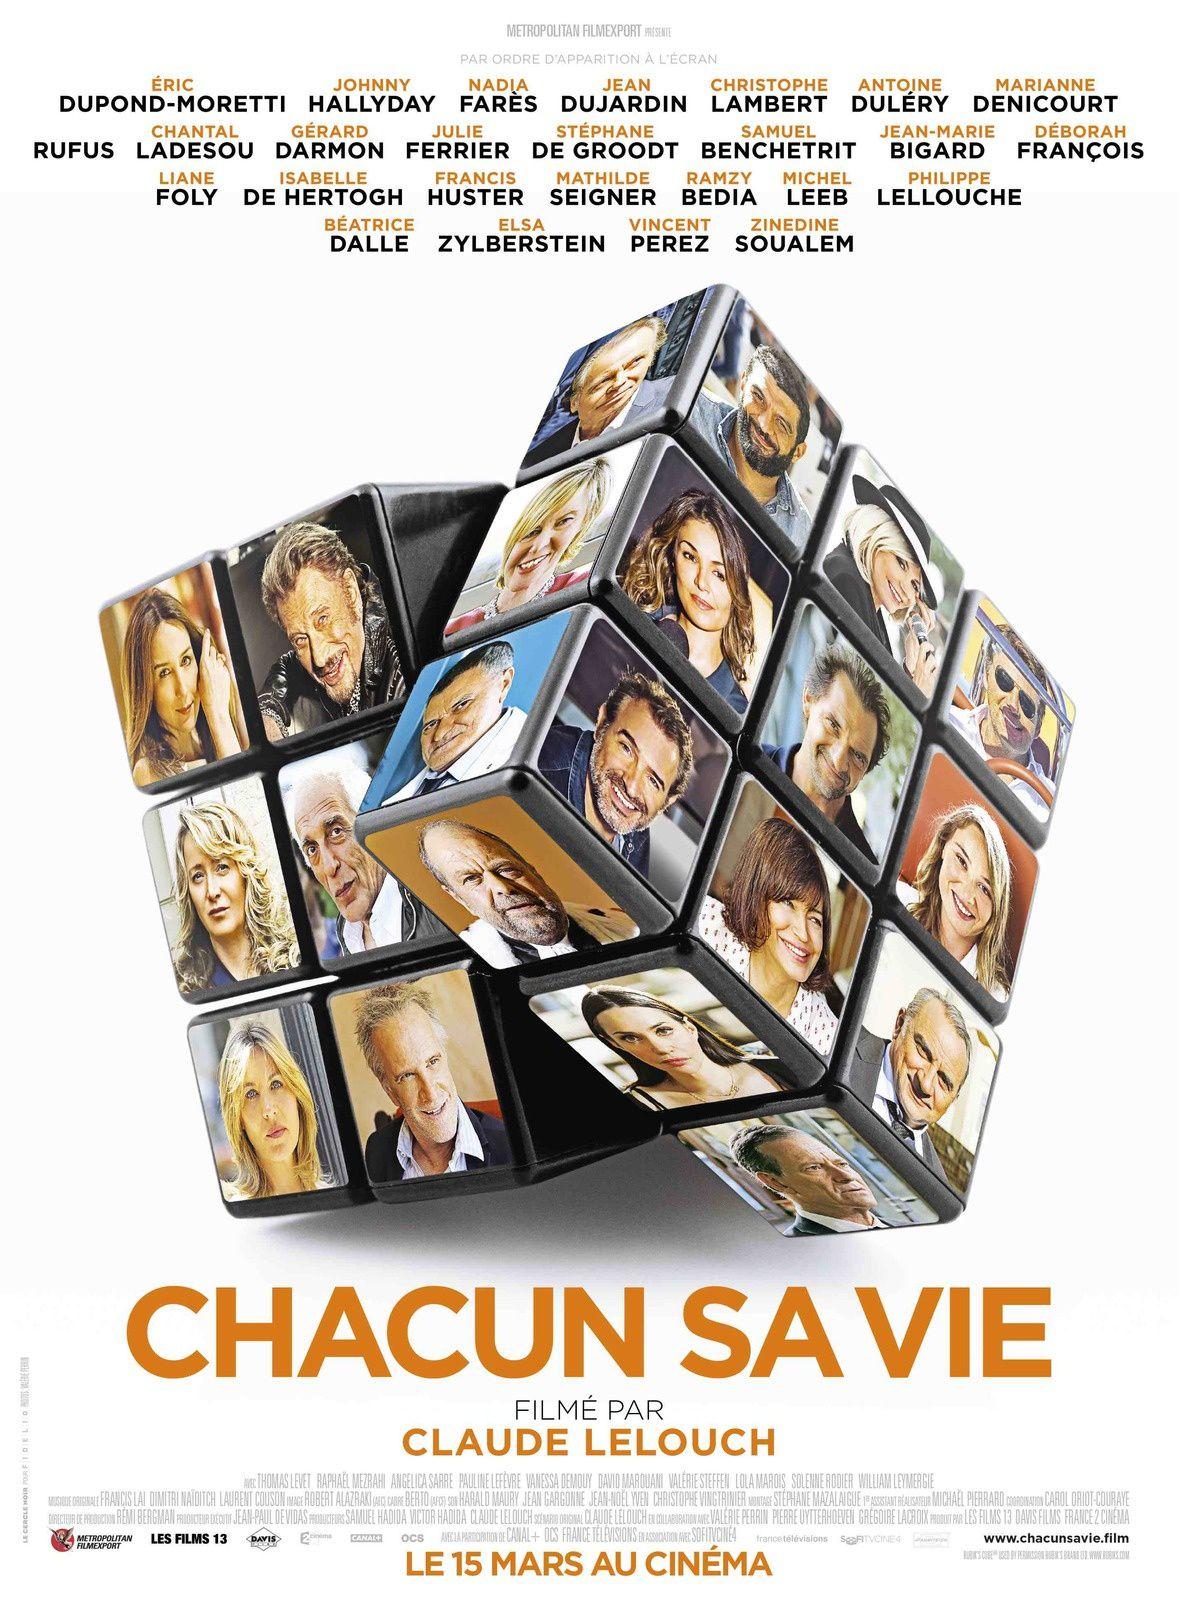 L'amour des acteurs de CHACUN SA VIE pour Claude Lelouch !